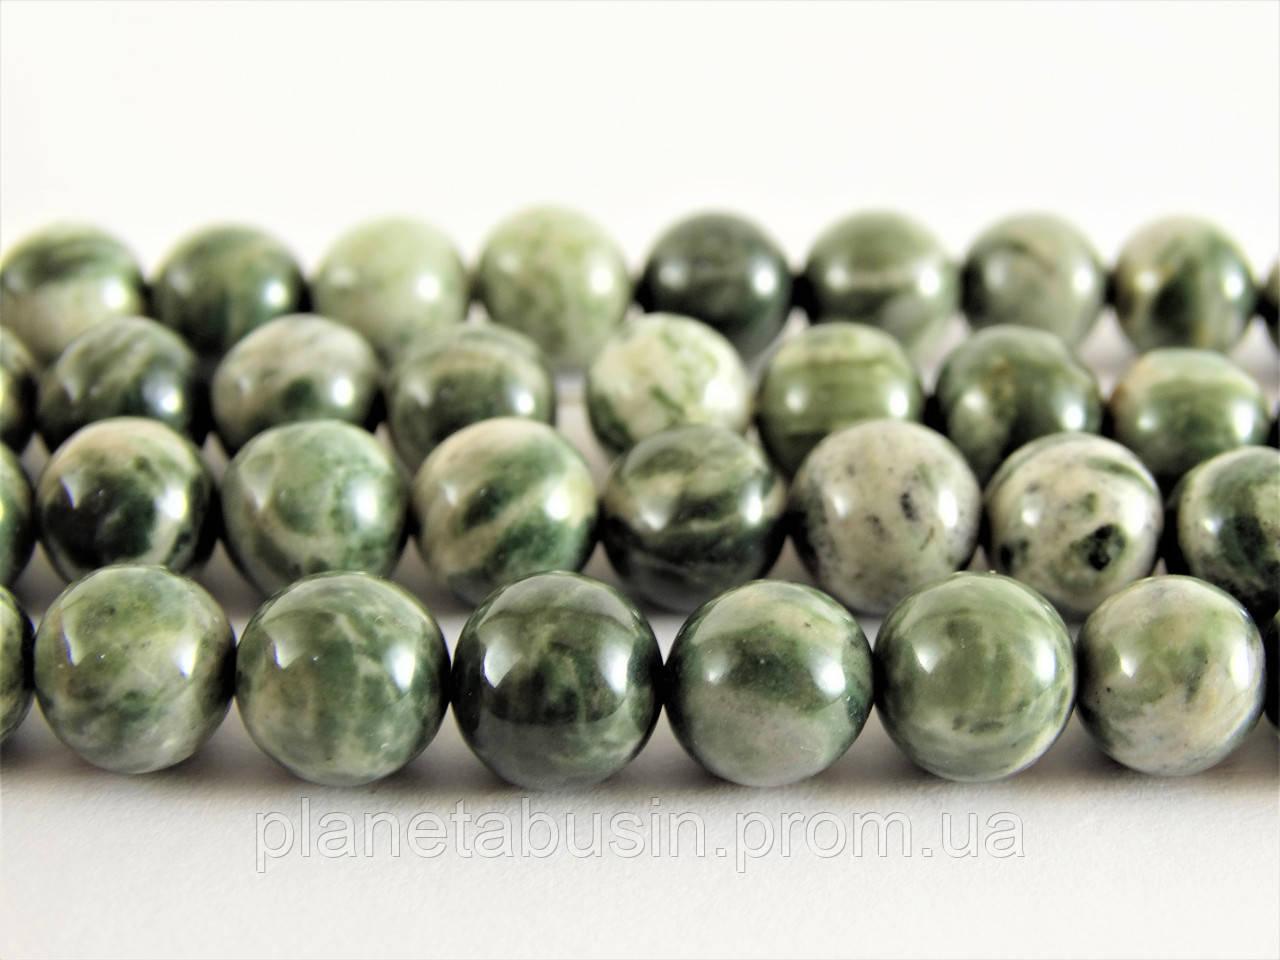 8 мм Яшма Зелёная Зебра, CN238, Натуральный камень, Форма: Шар, Отверстие: 1мм, кол-во: 47-48 шт/нить